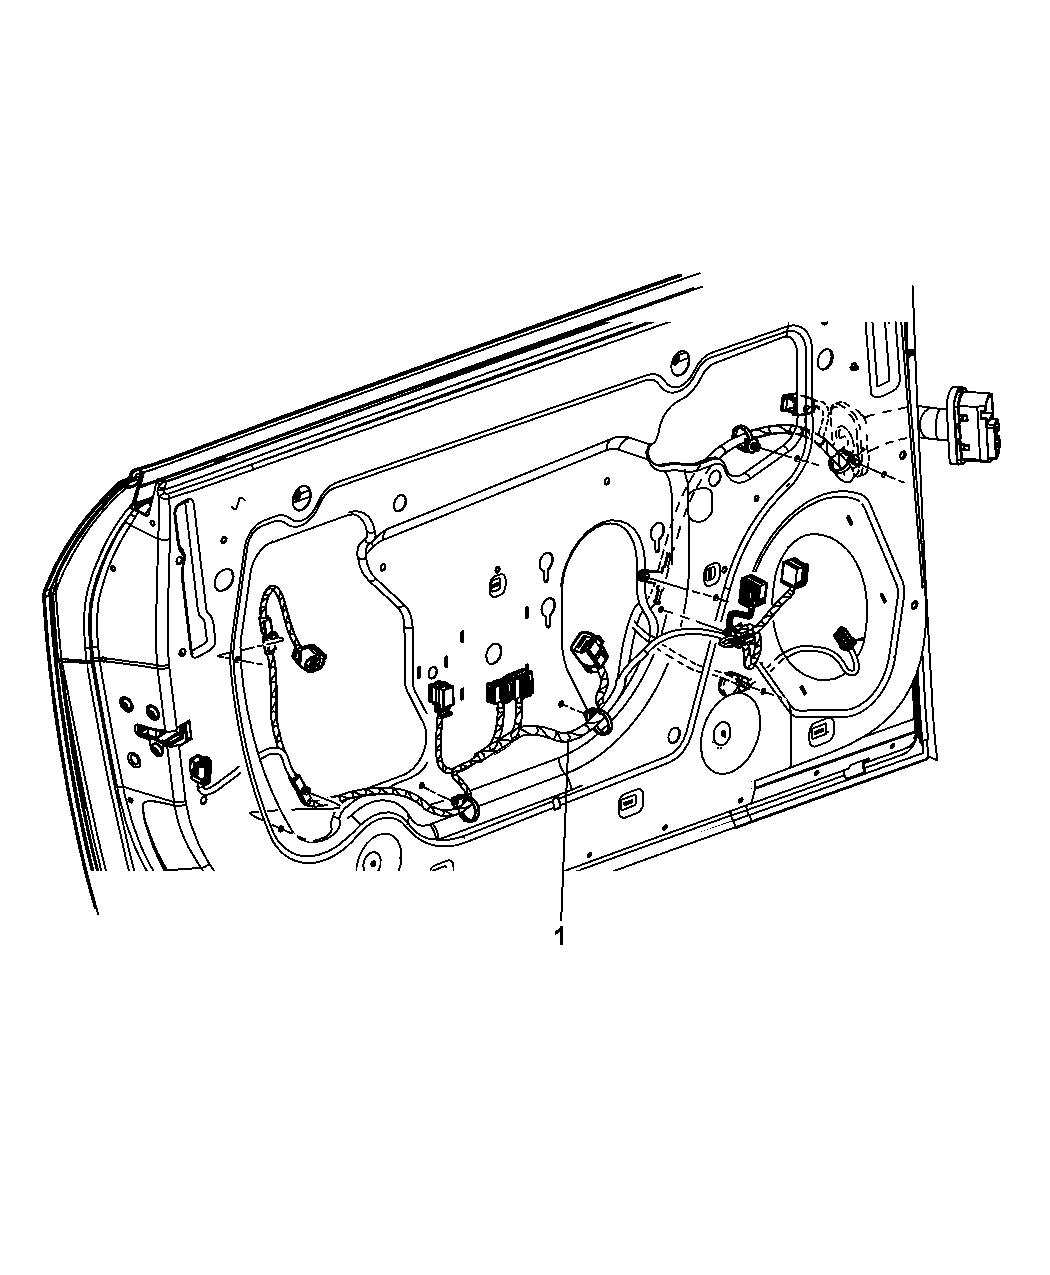 [CSDW_4250]   68065339AD - Genuine Mopar WIRING-FRONT DOOR | Challenger Side Mirror Wiring Diagram |  | Mopar Parts Giant